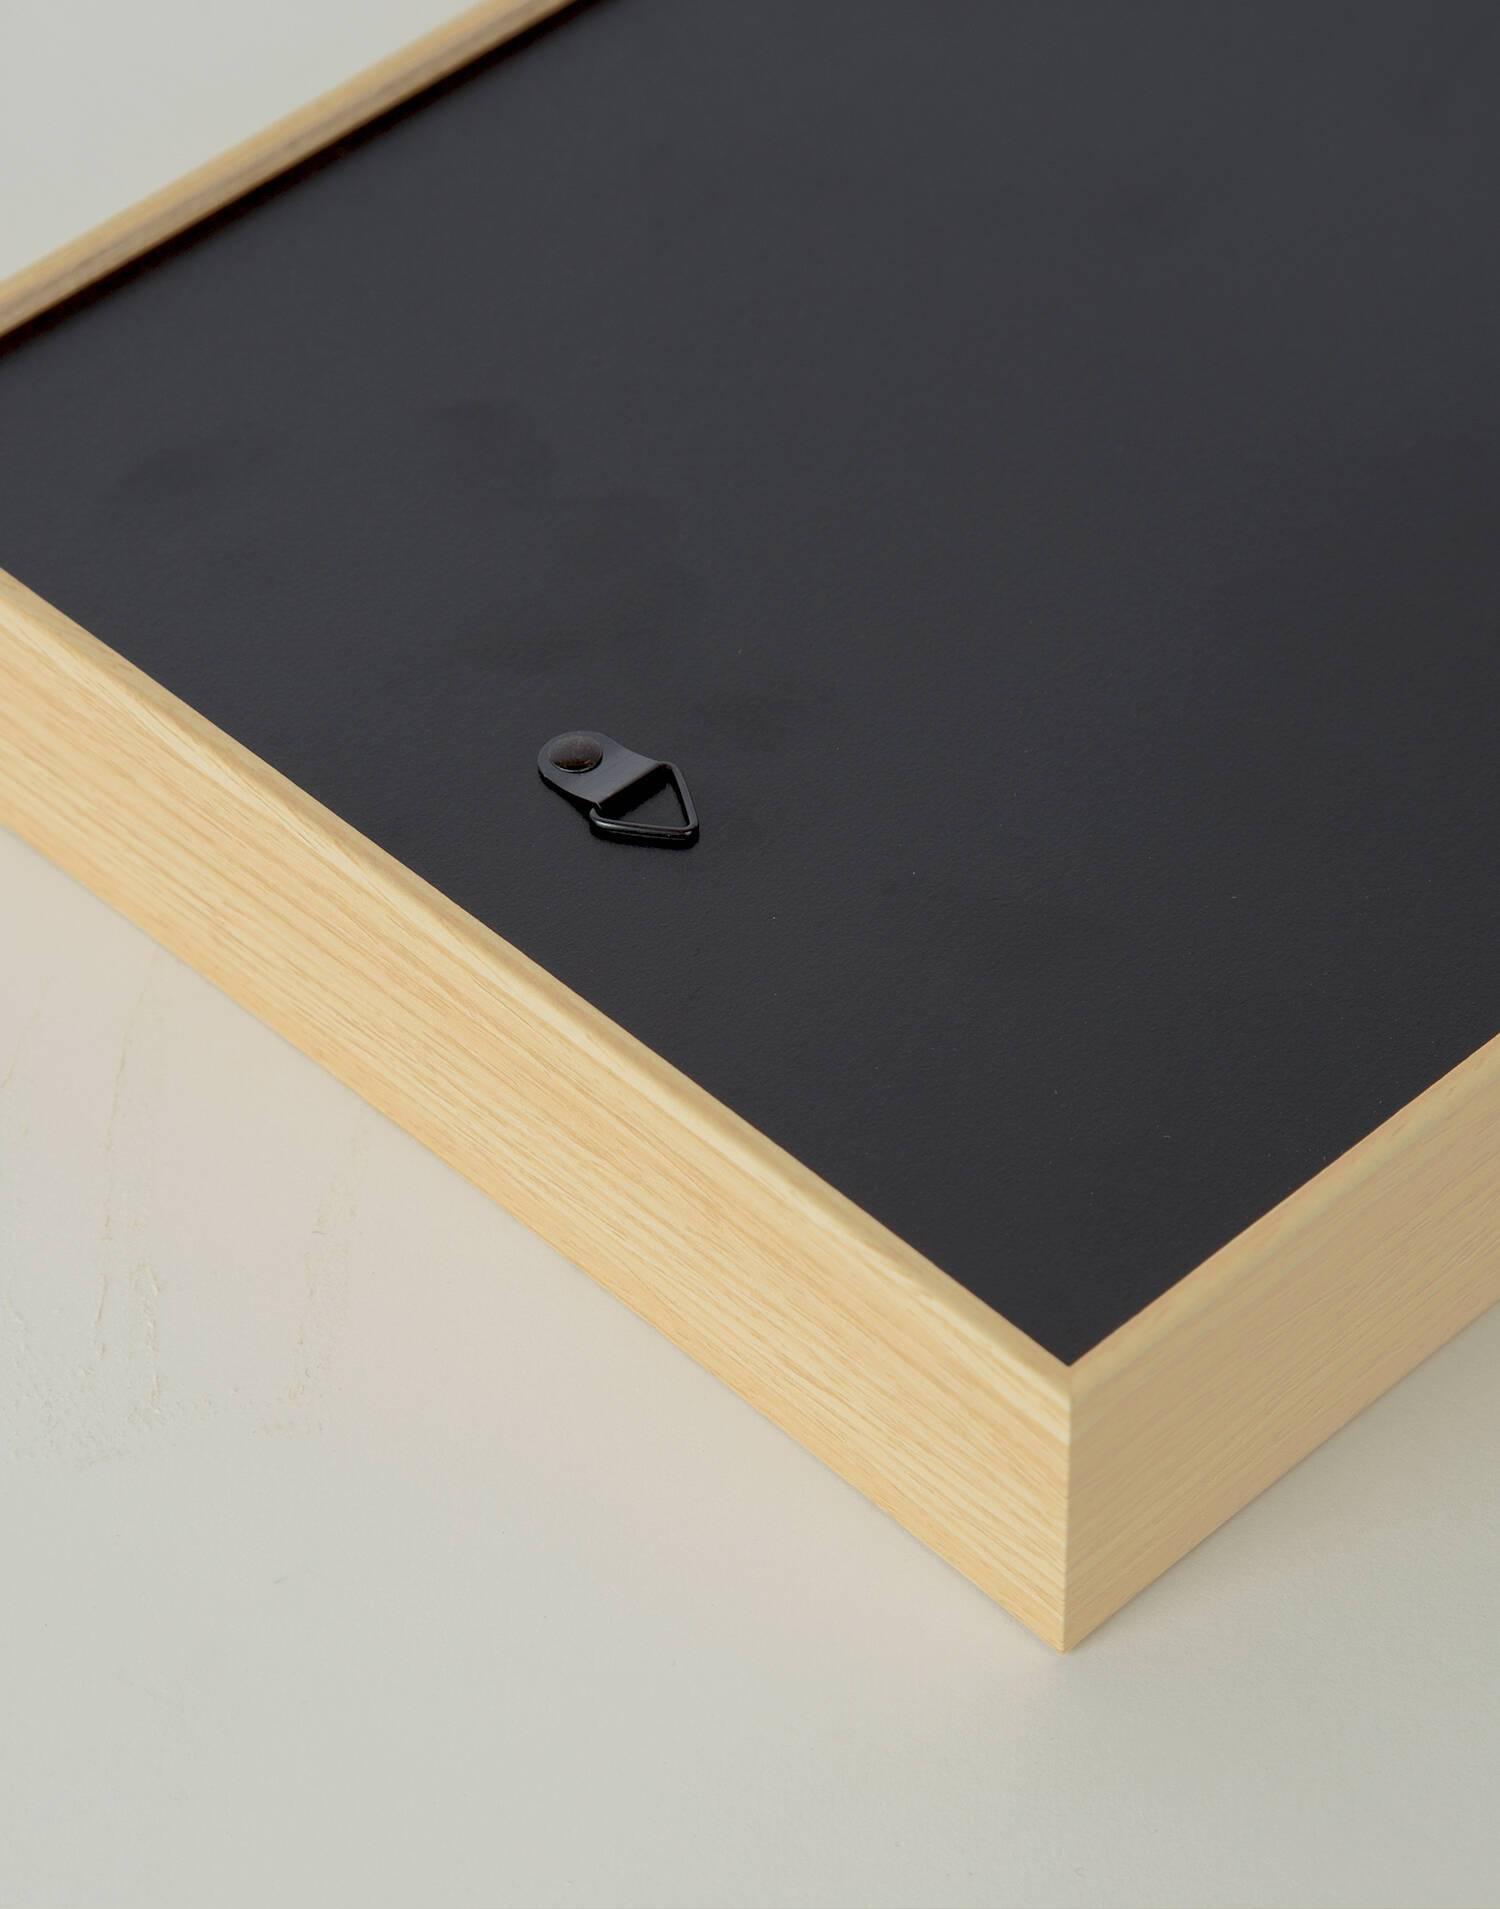 Marco streisand 20x25 cm